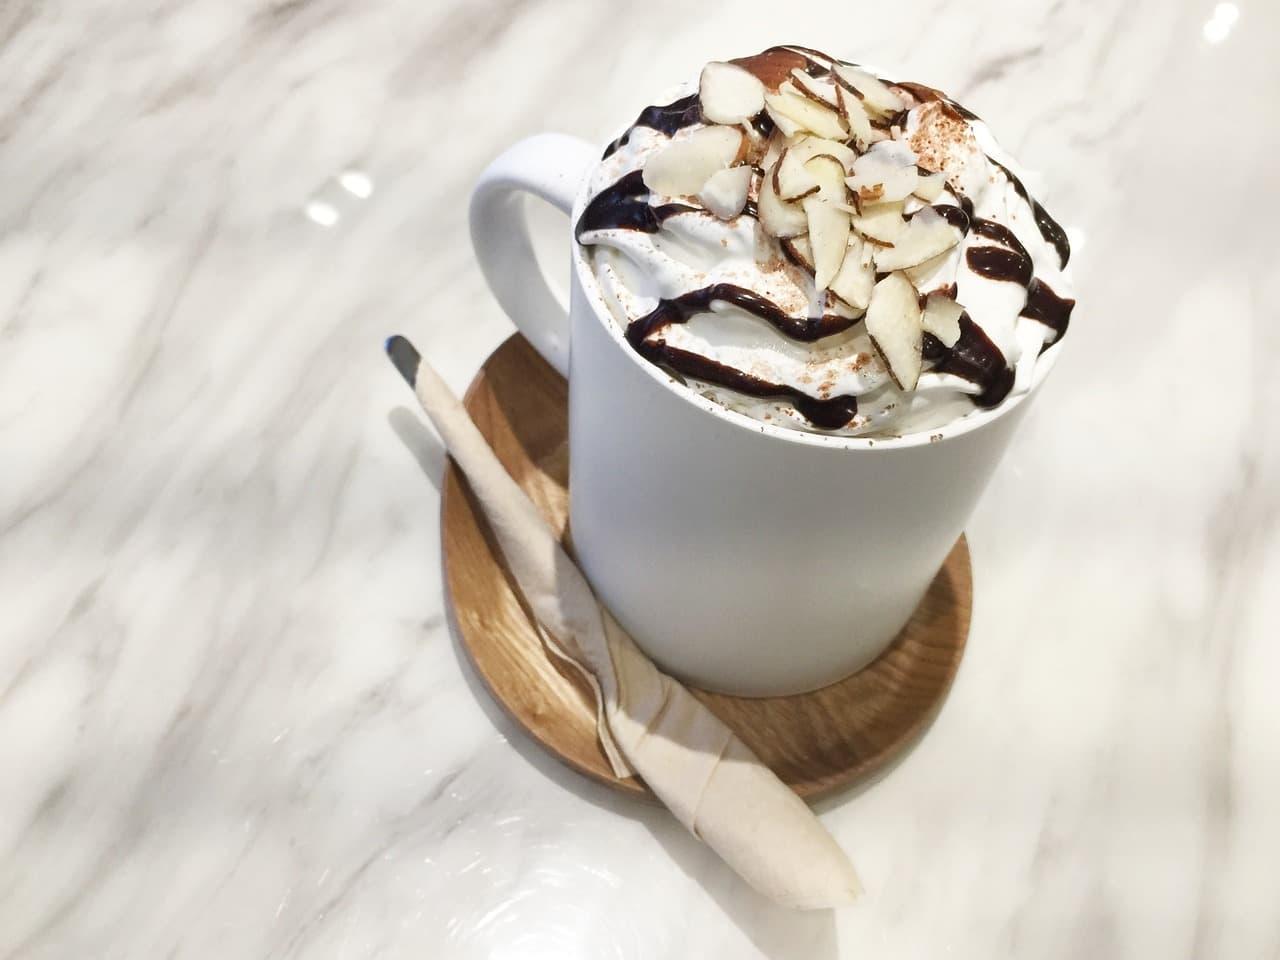 Mocha ulubiona kawa czekoladoholikow